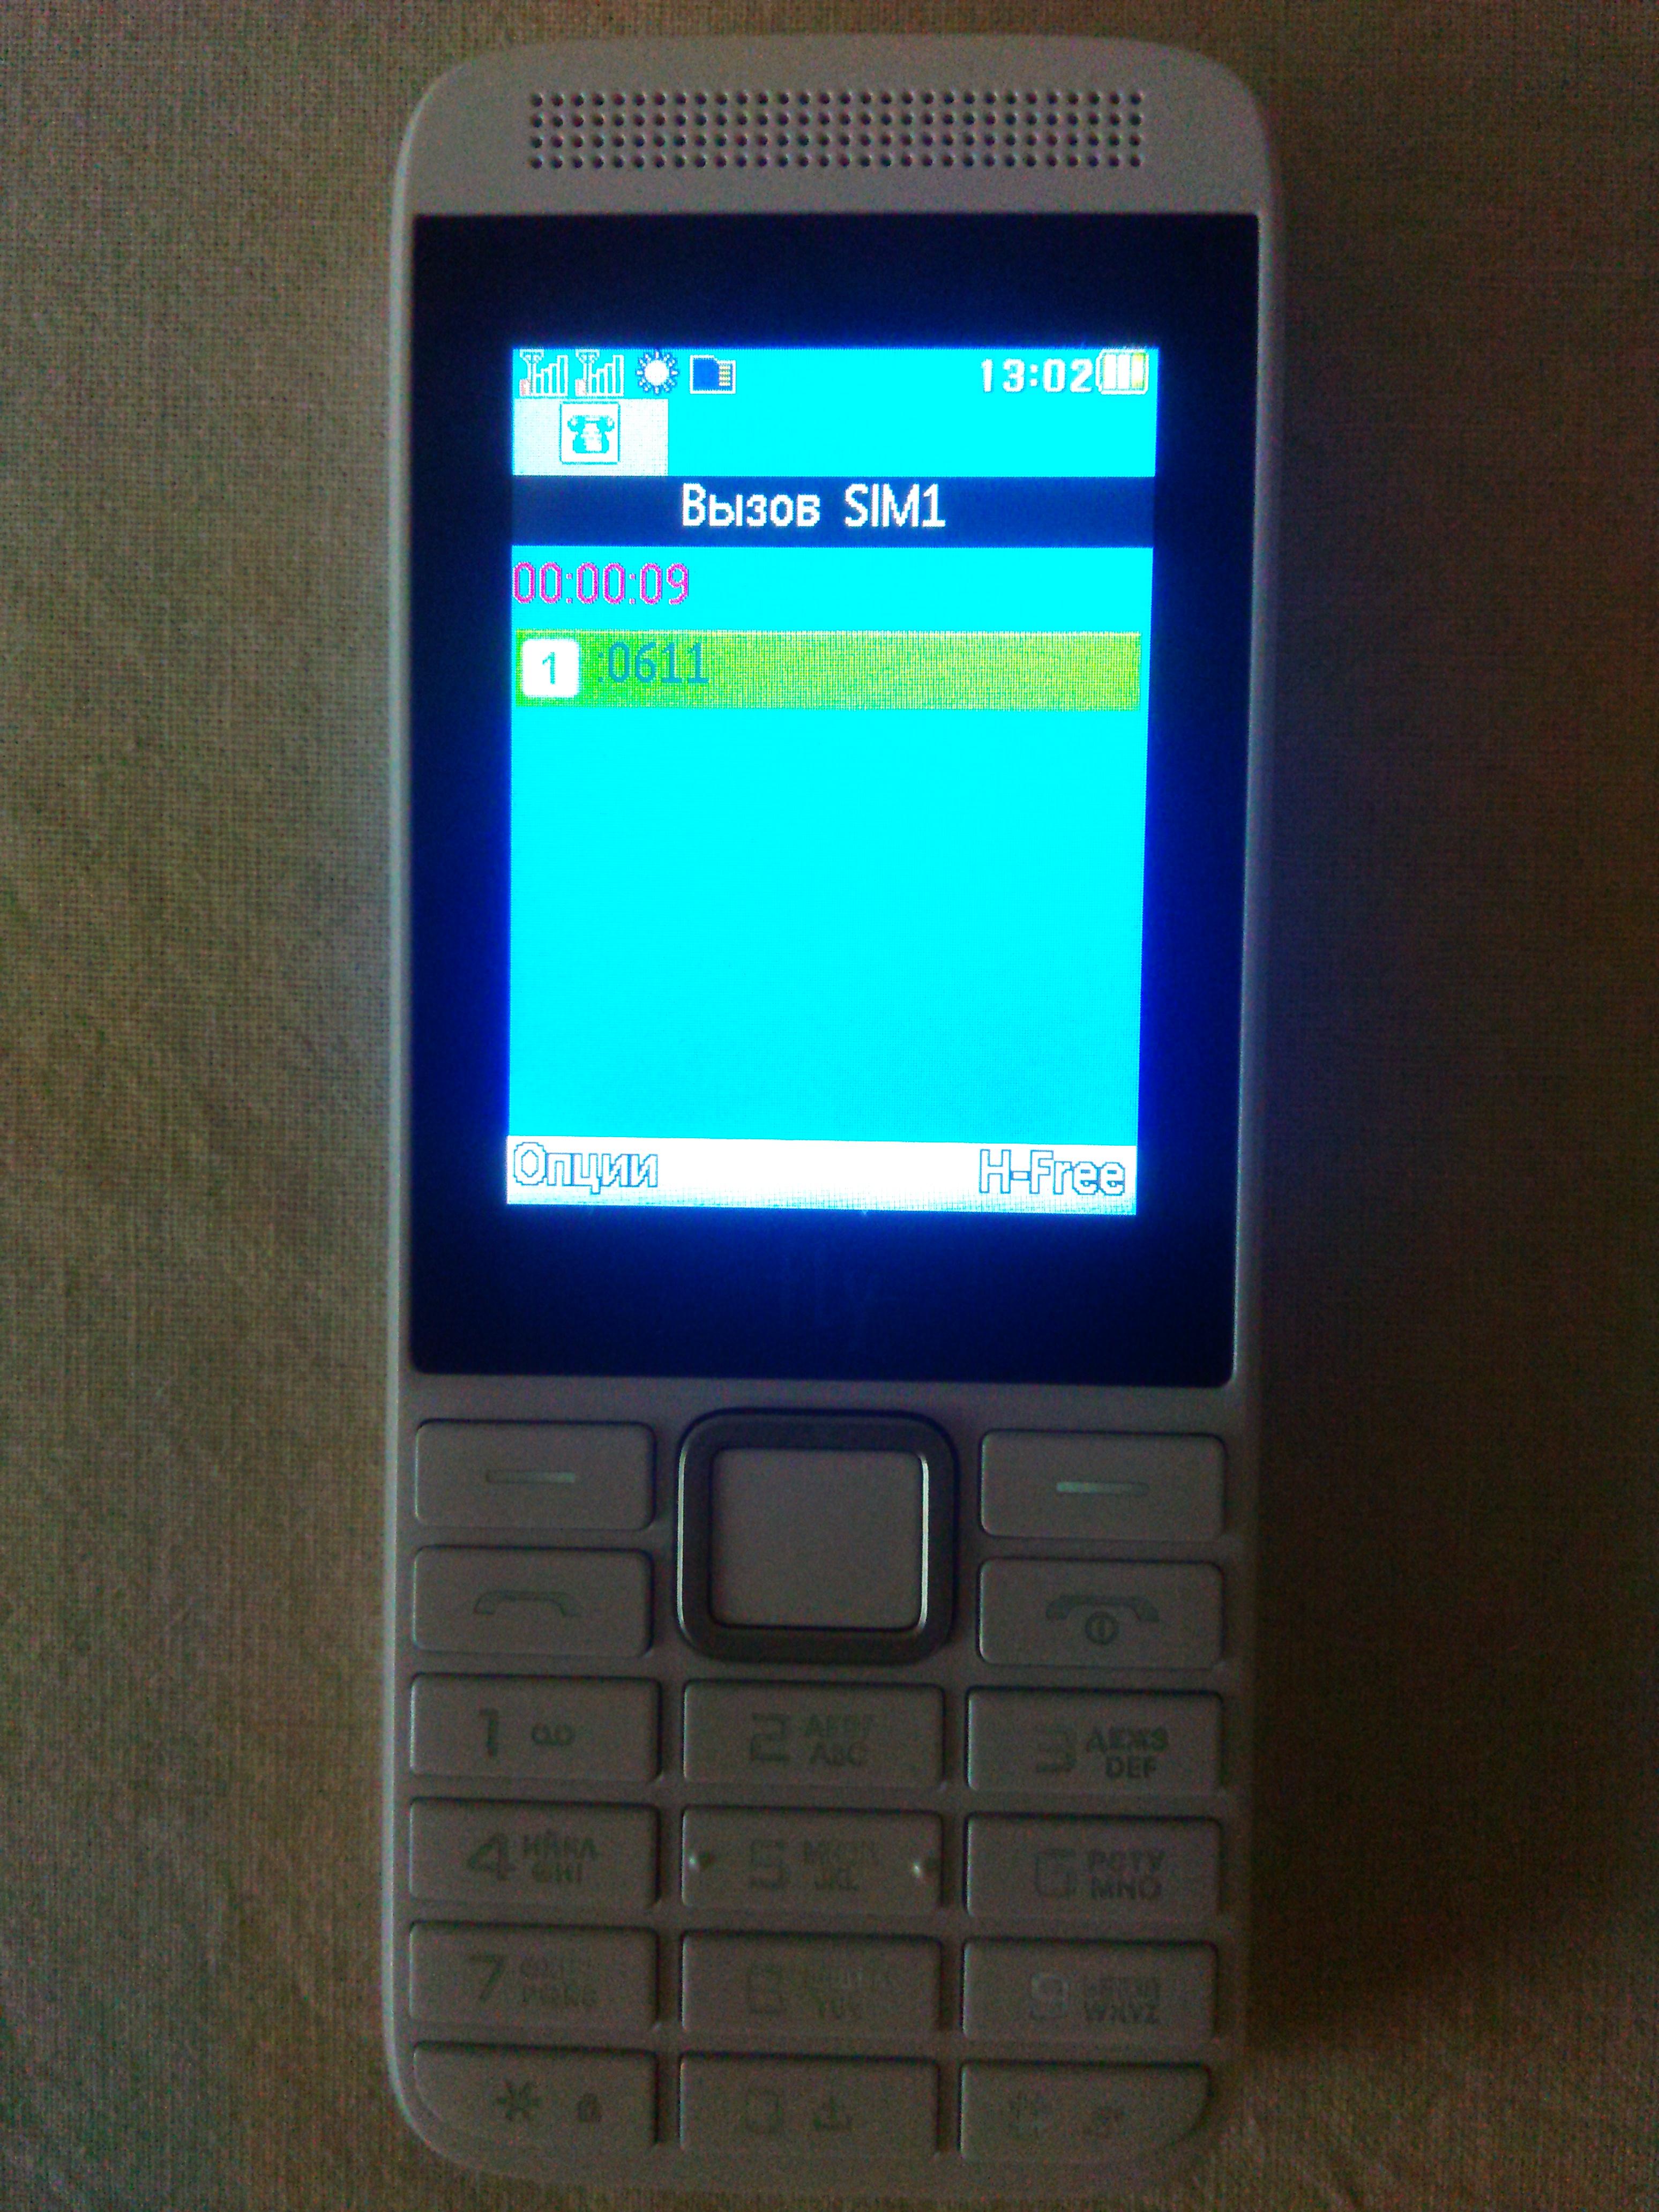 Экран FF241 во время соединения